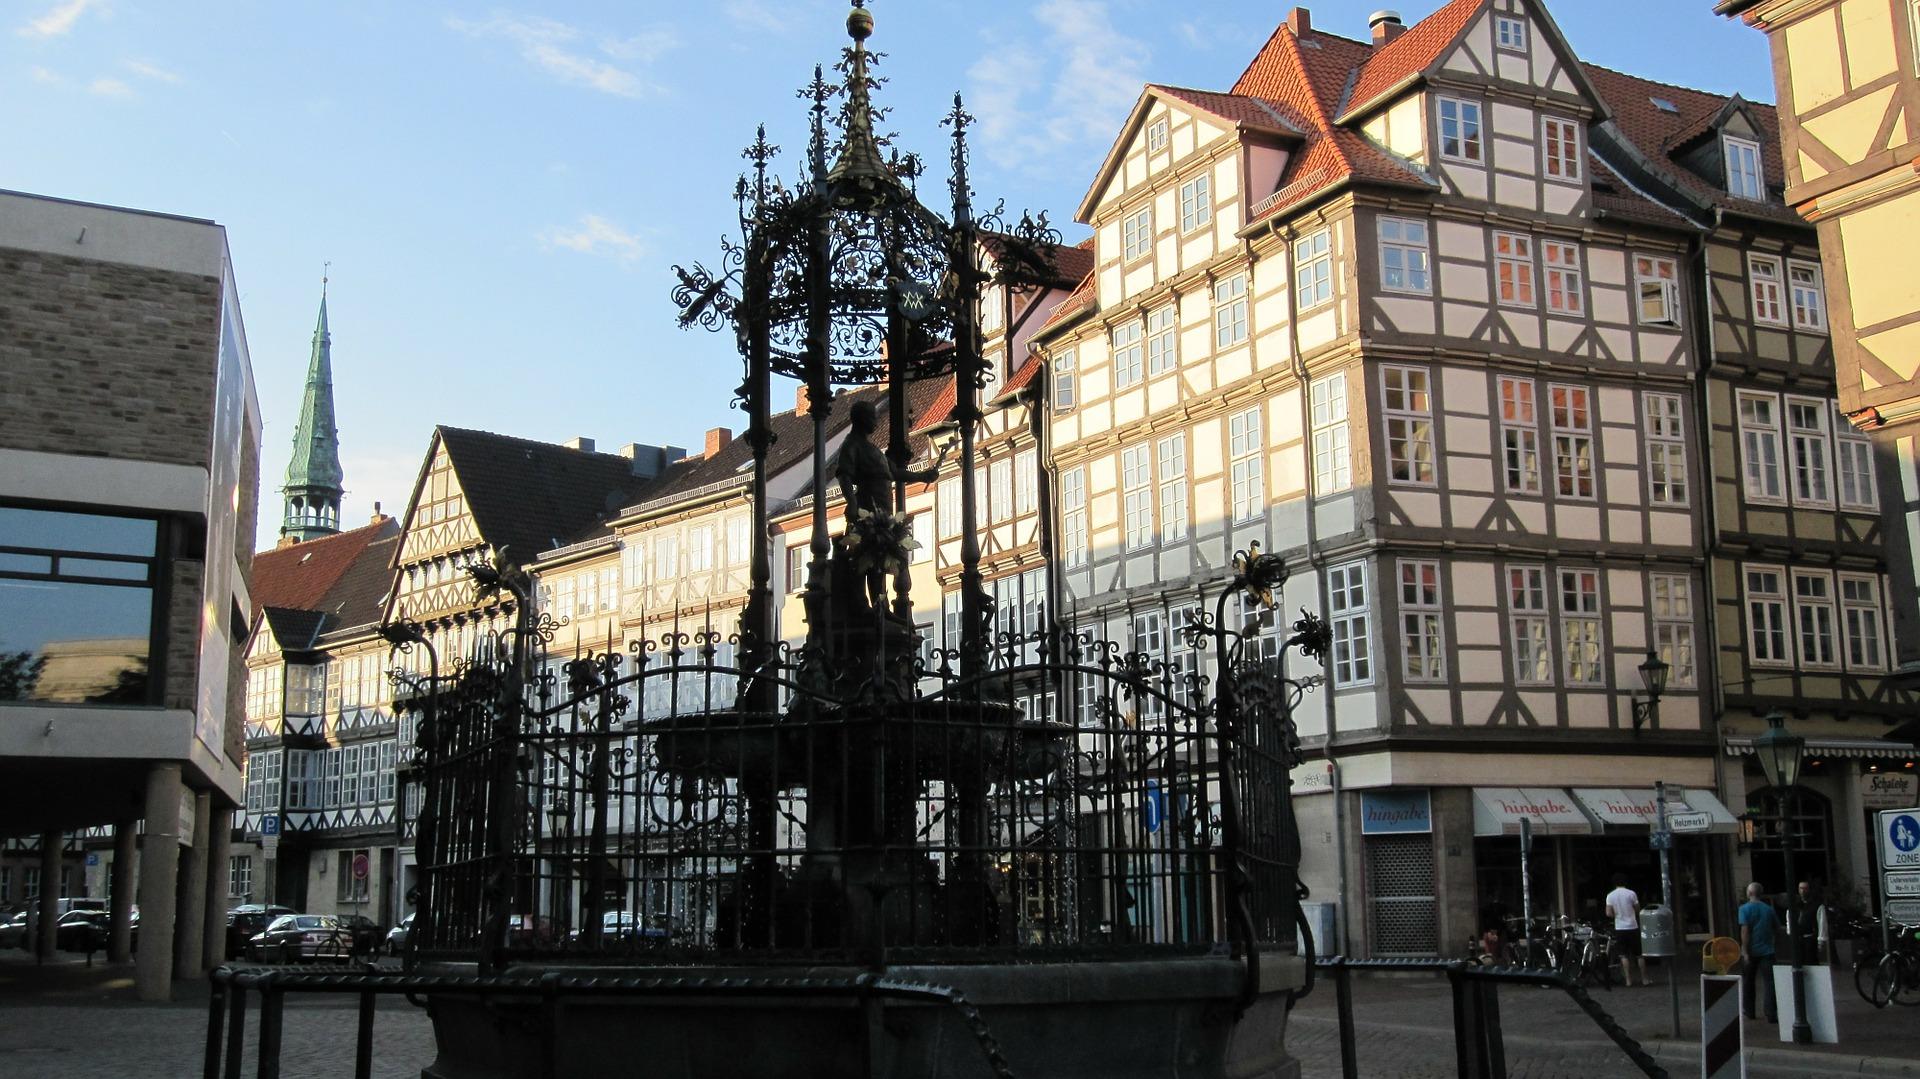 Konferenz-Dolmetscher und Übersetzer für Arabisch, Deutsch, Englisch und Spanisch im Großraum Hannover Nordrheinwestfalen